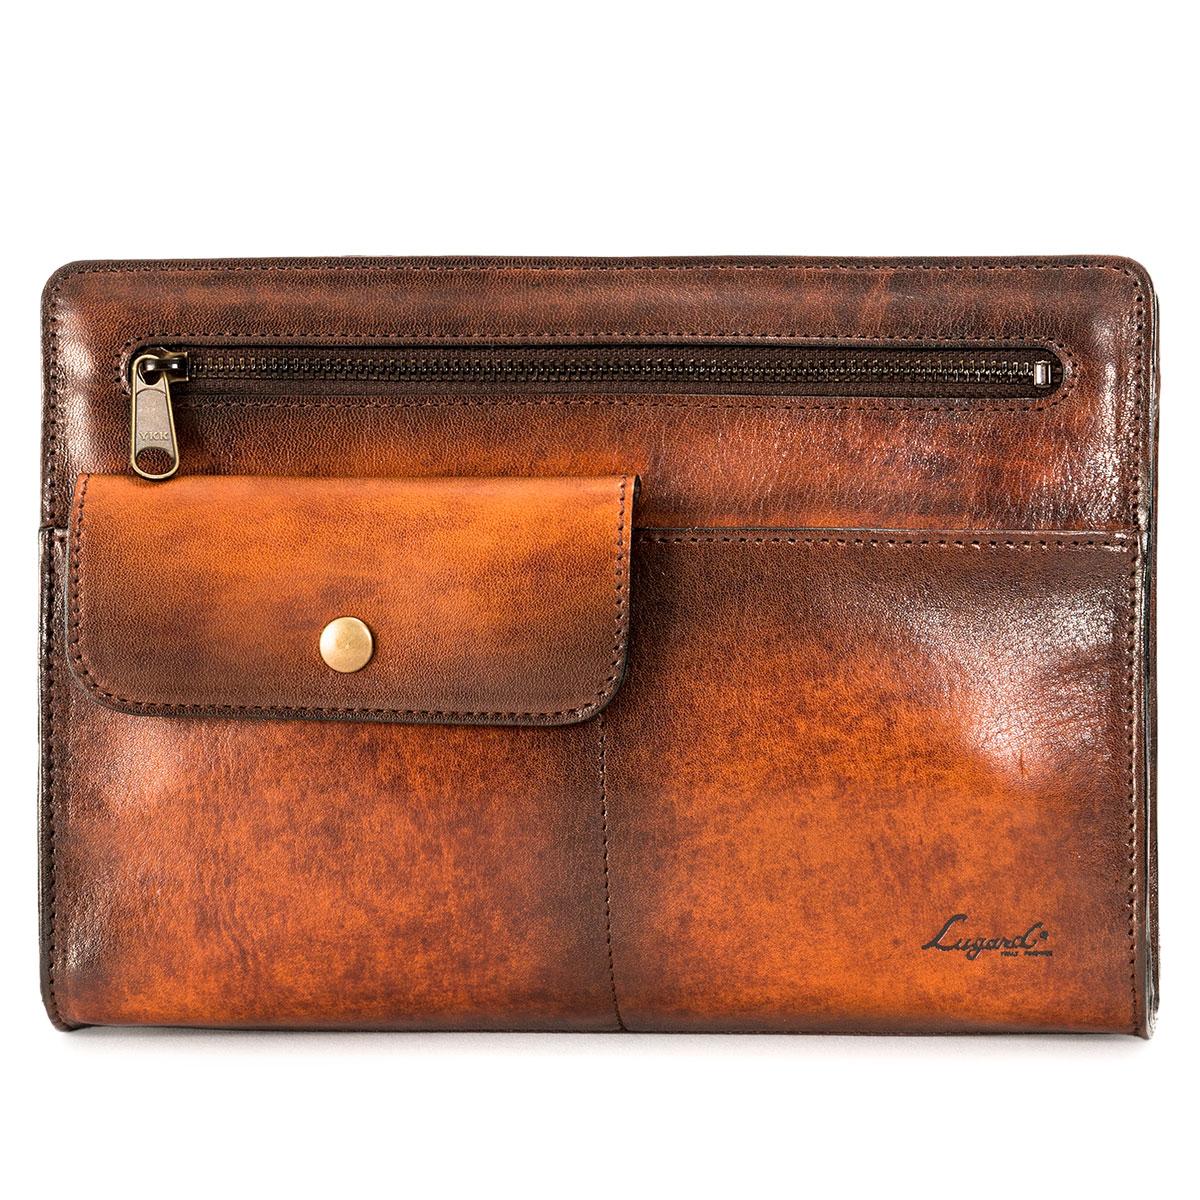 Lugard G3 CLUTCH BAG ラガード 青木鞄 ジースリー バッグ クラッチバッグ セカンドバッグ メンズ ネイビー ブラウン ボルドー 5214